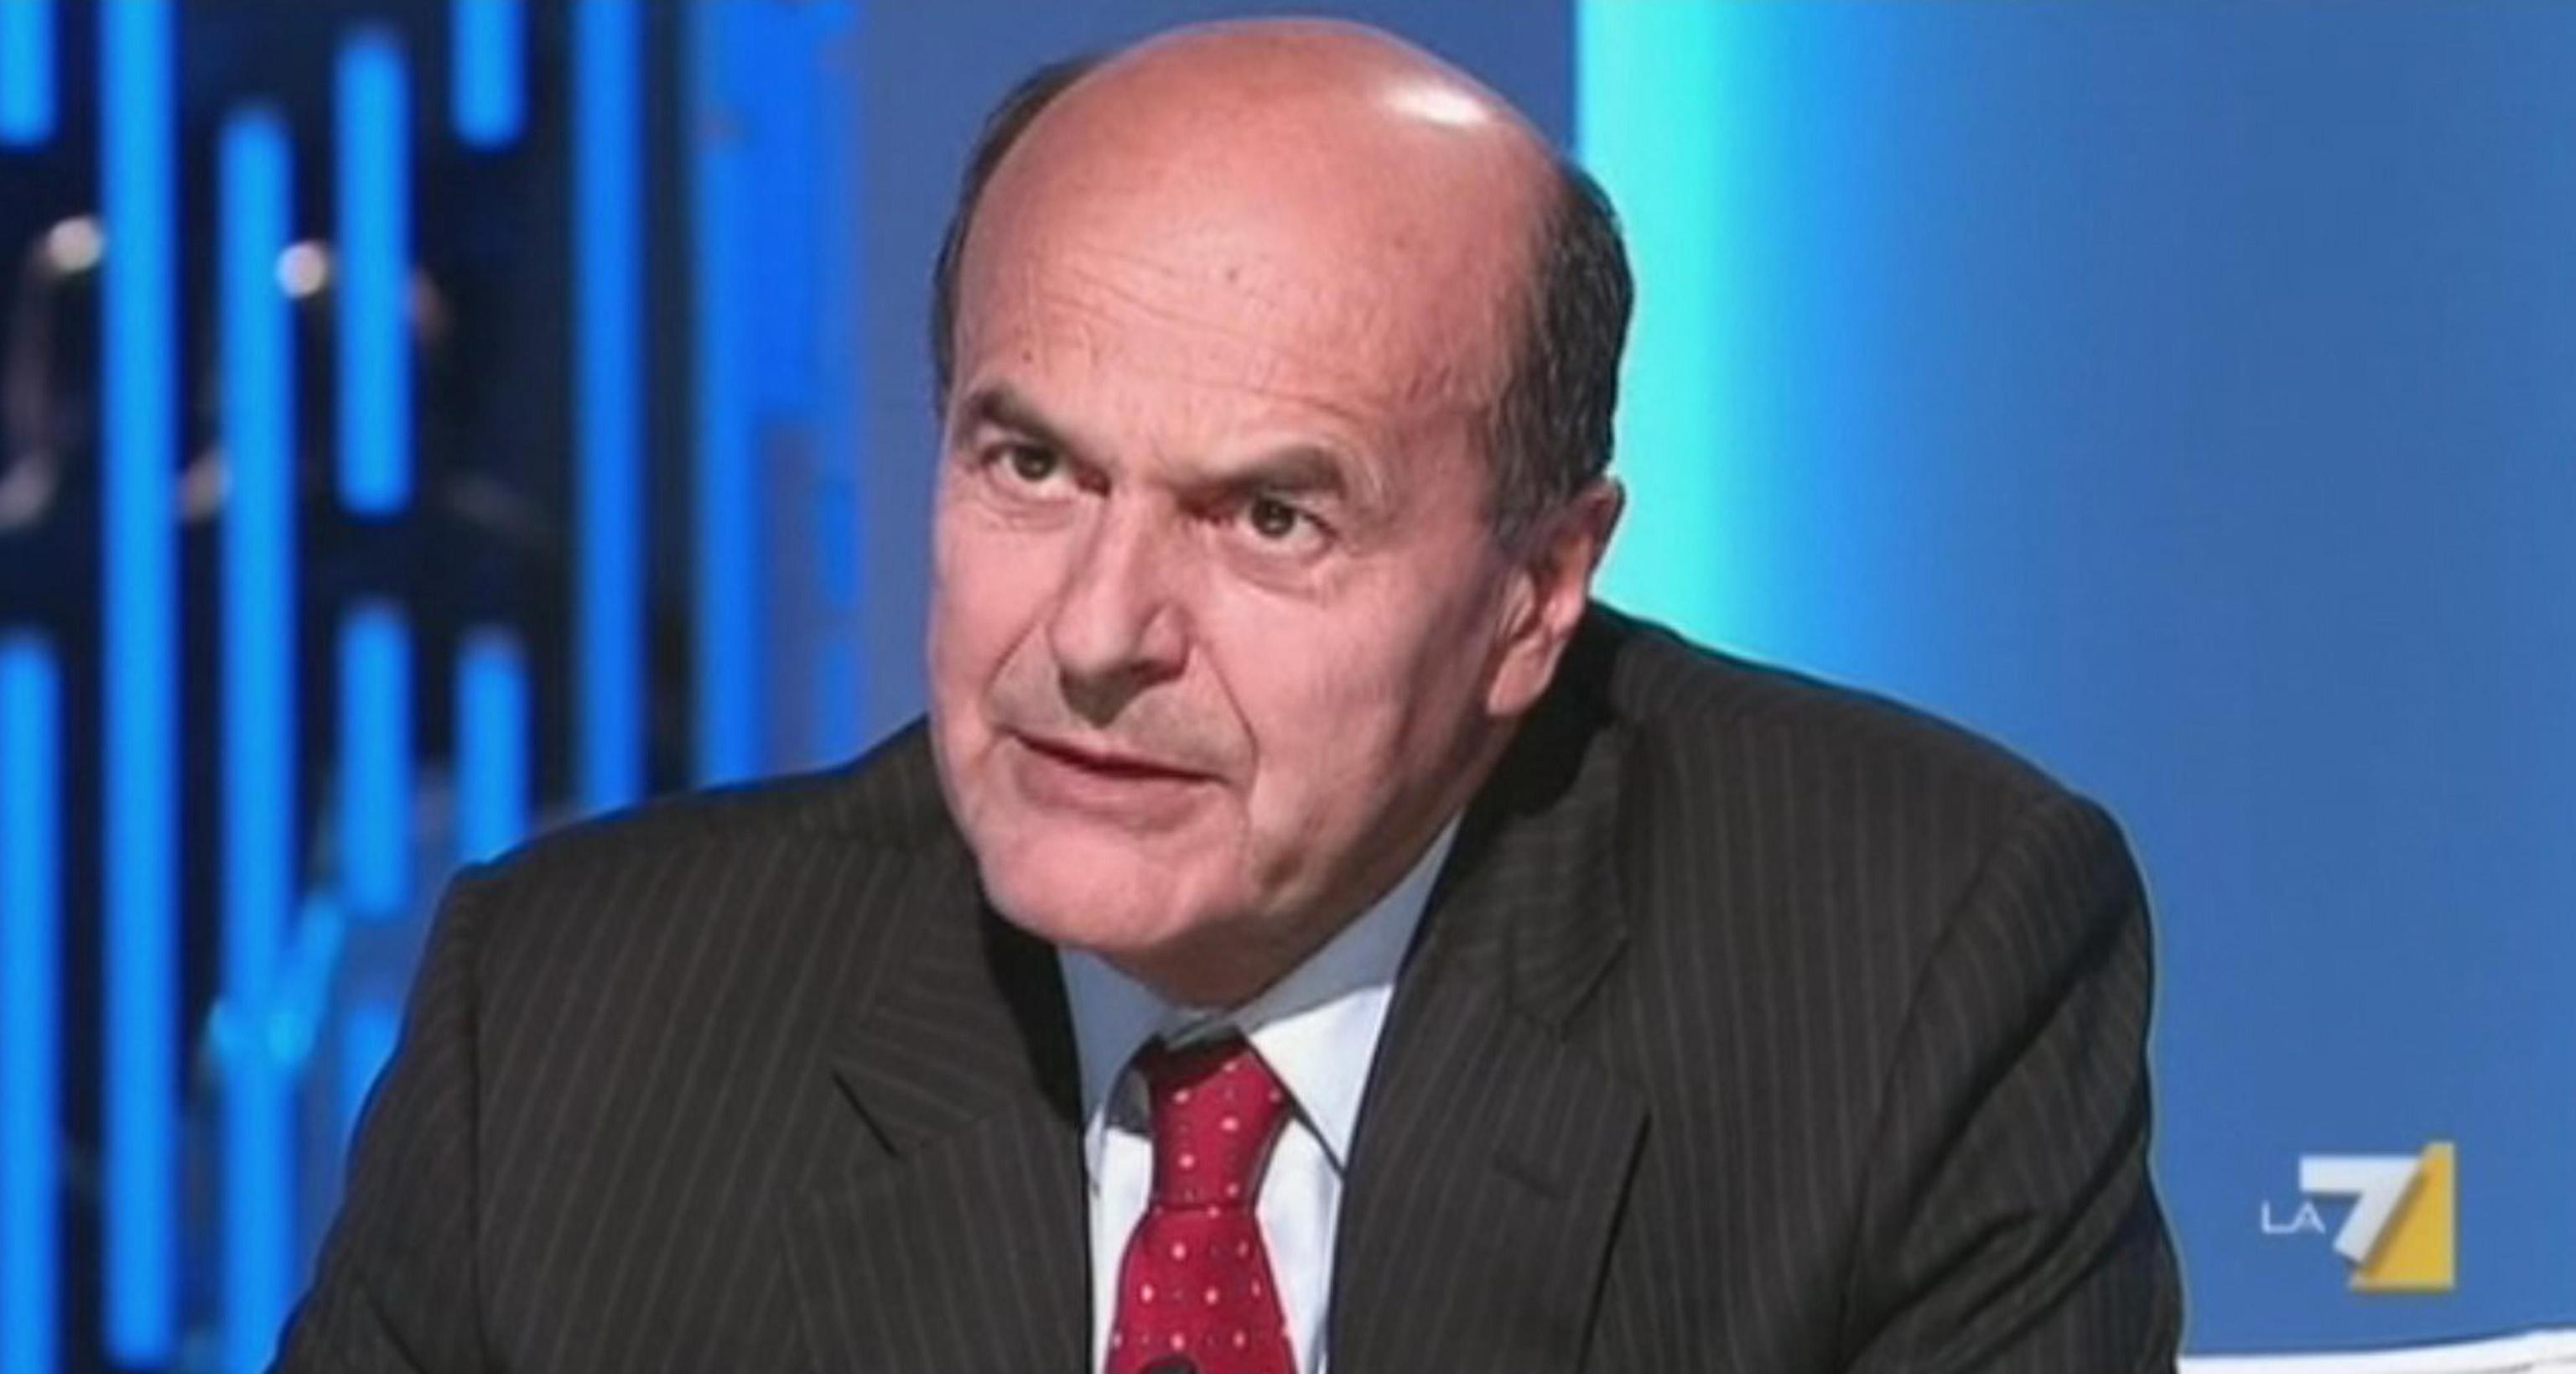 Indagine Su Un Conto Corrente Di Bersani L Ex Segretario Pd